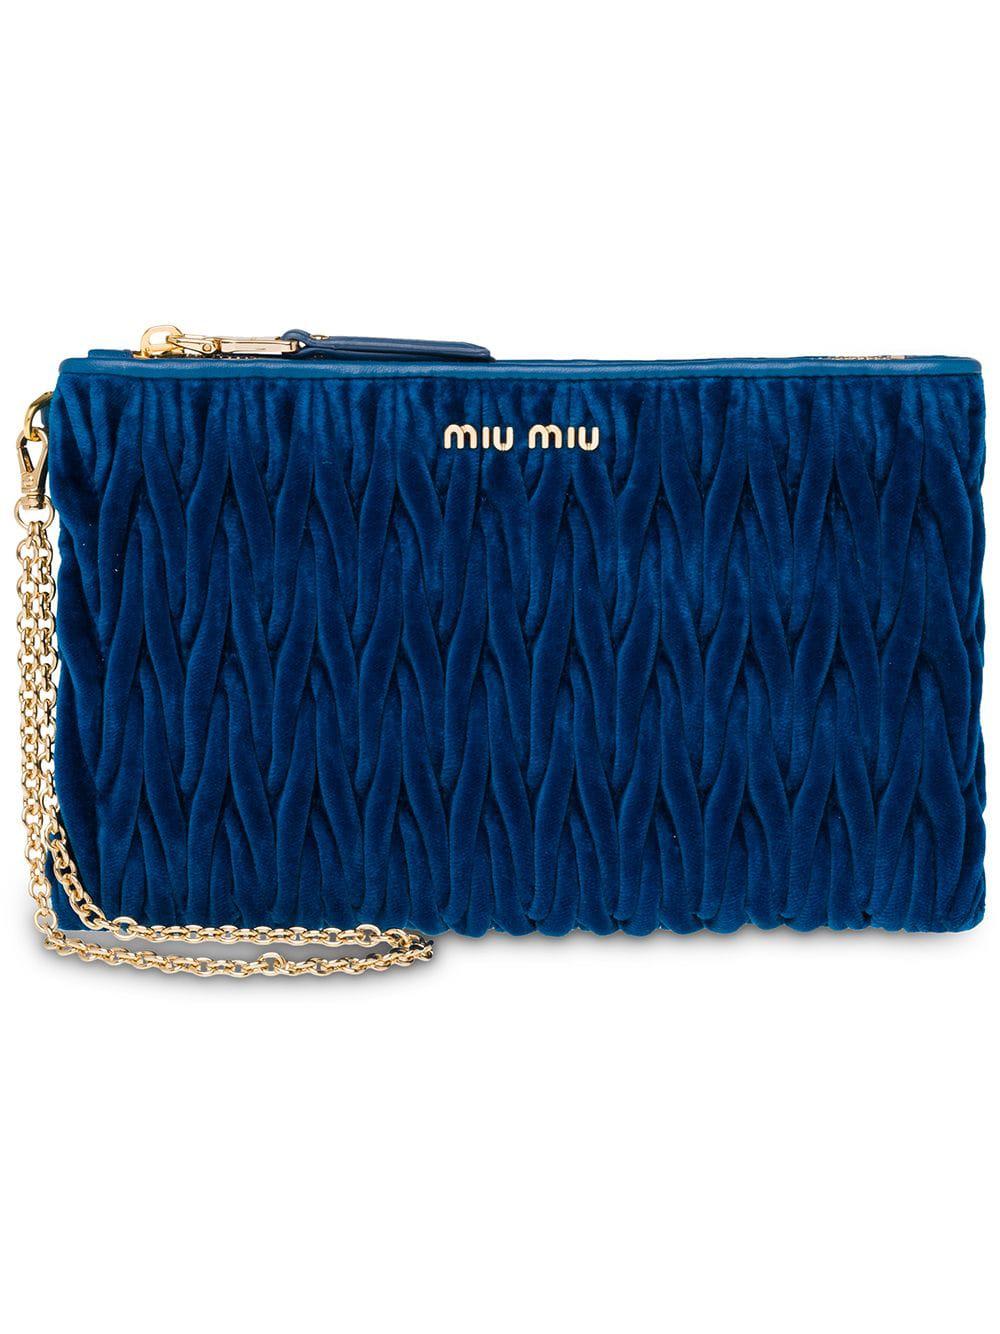 a6cdf3e5b8d1c Miu Miu Kosmetiktasche Aus Matelassé-Leder - Blau In Blue